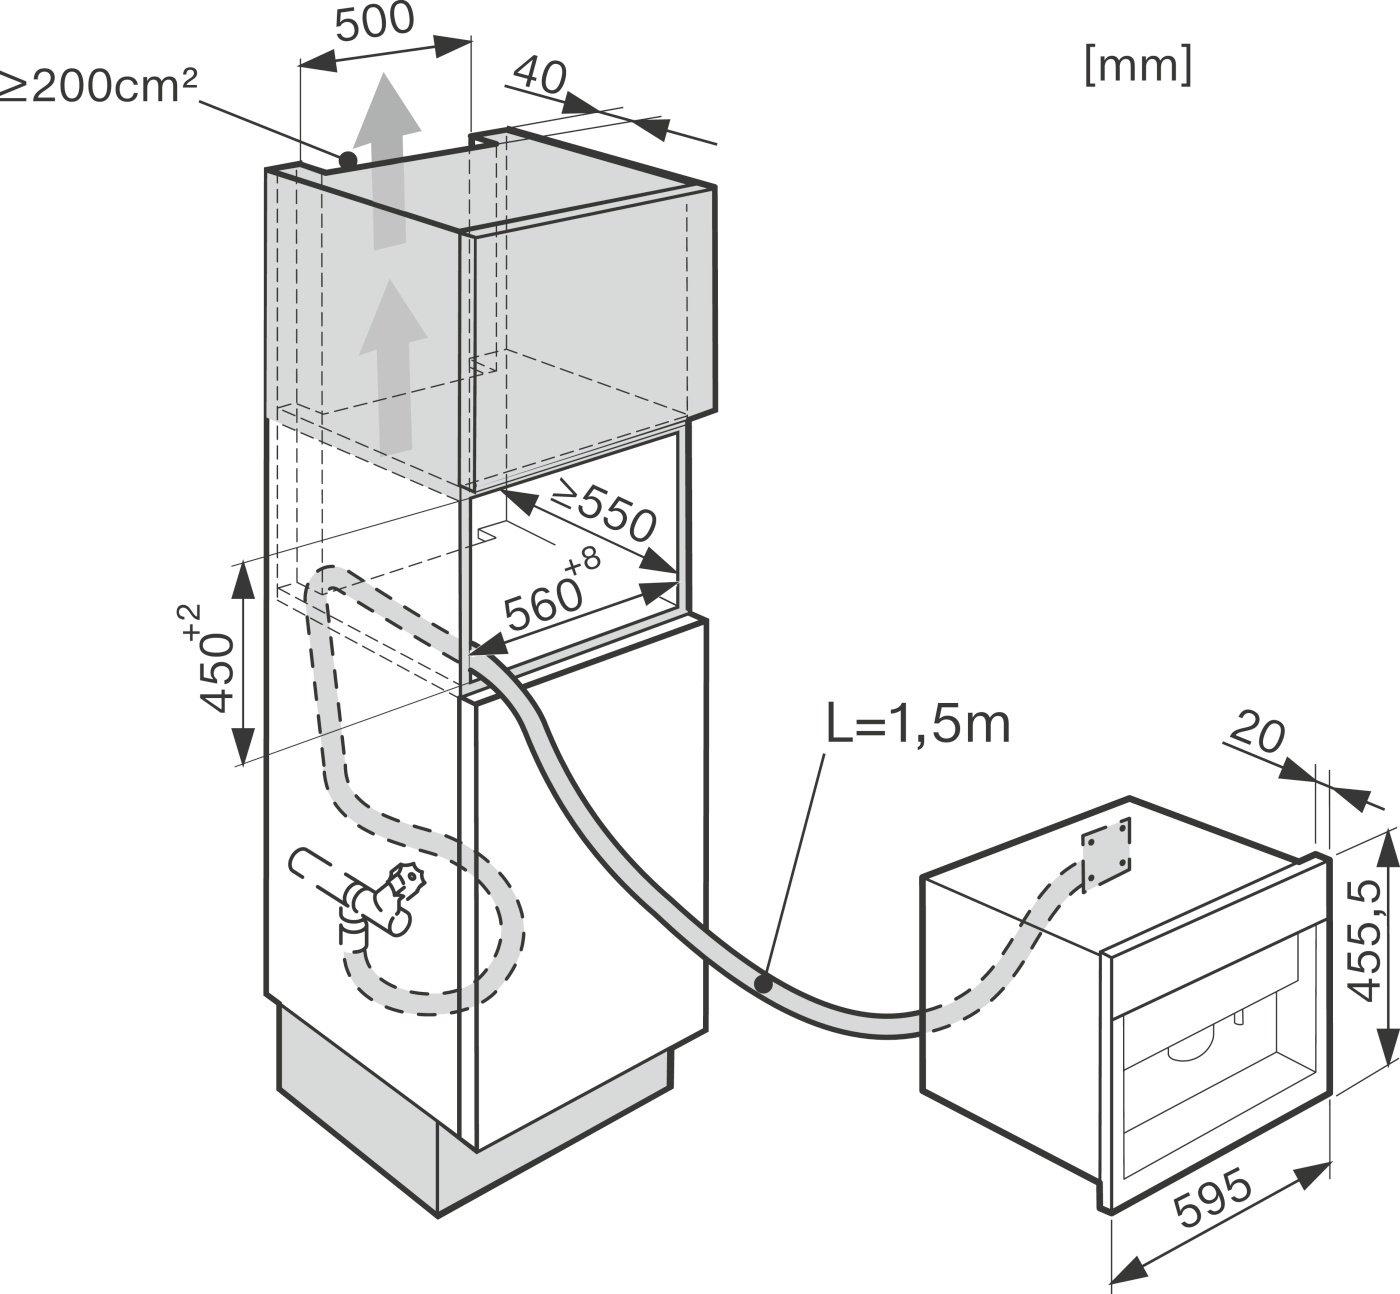 Kaffeevollautomat Wasseranschluss amazon de miele cva 6405 einbau kaffeevollautomat mit